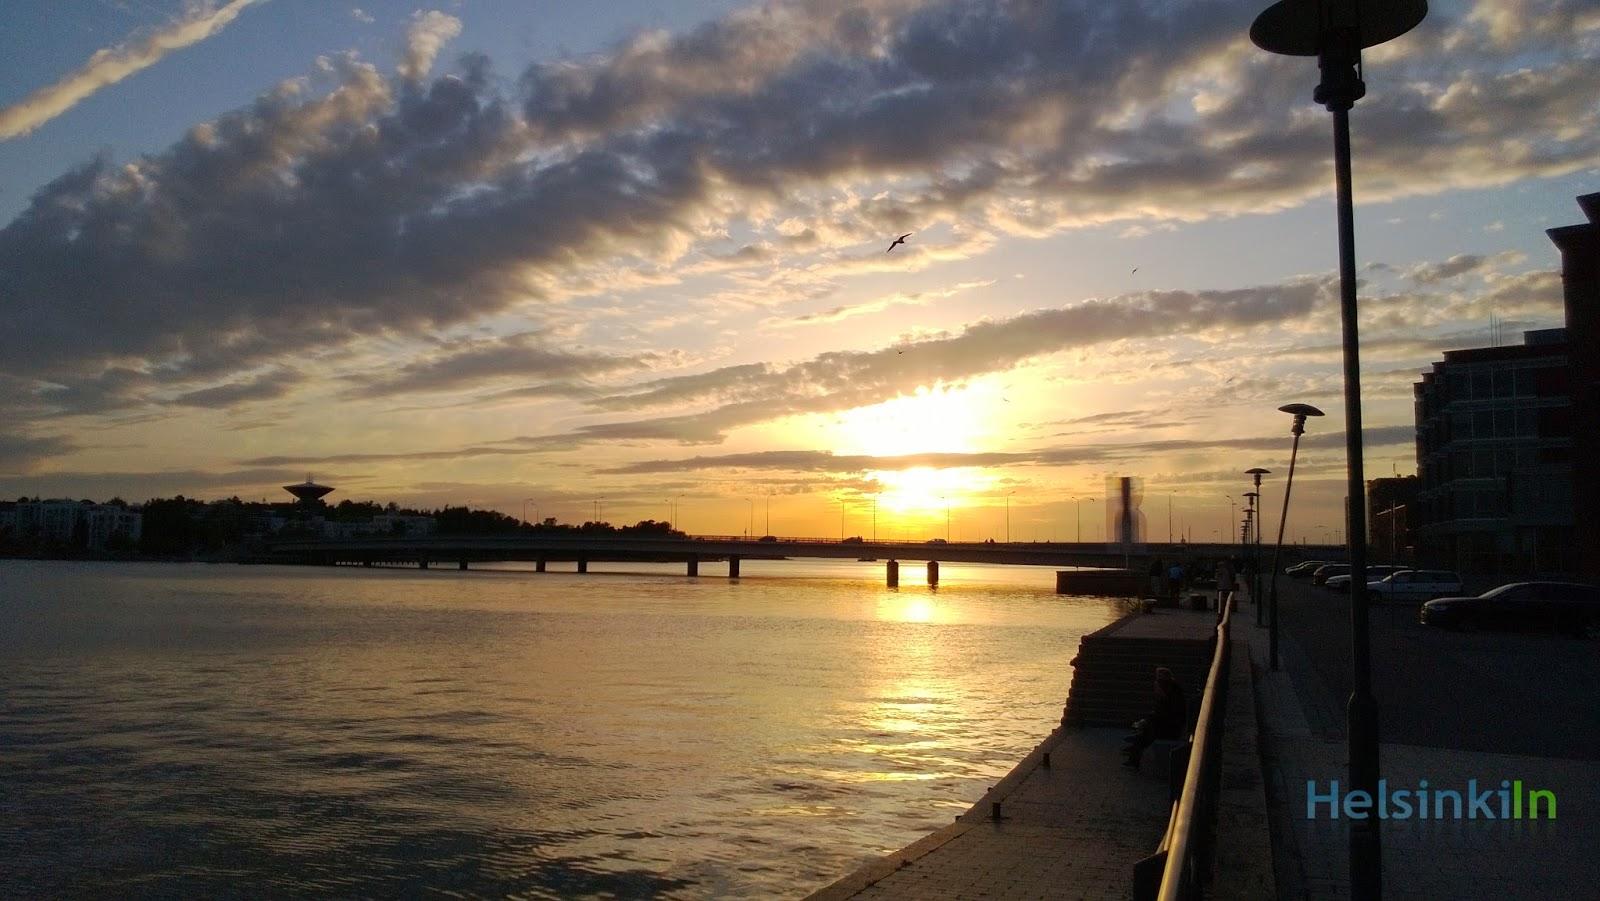 sunset over Lauttasaari